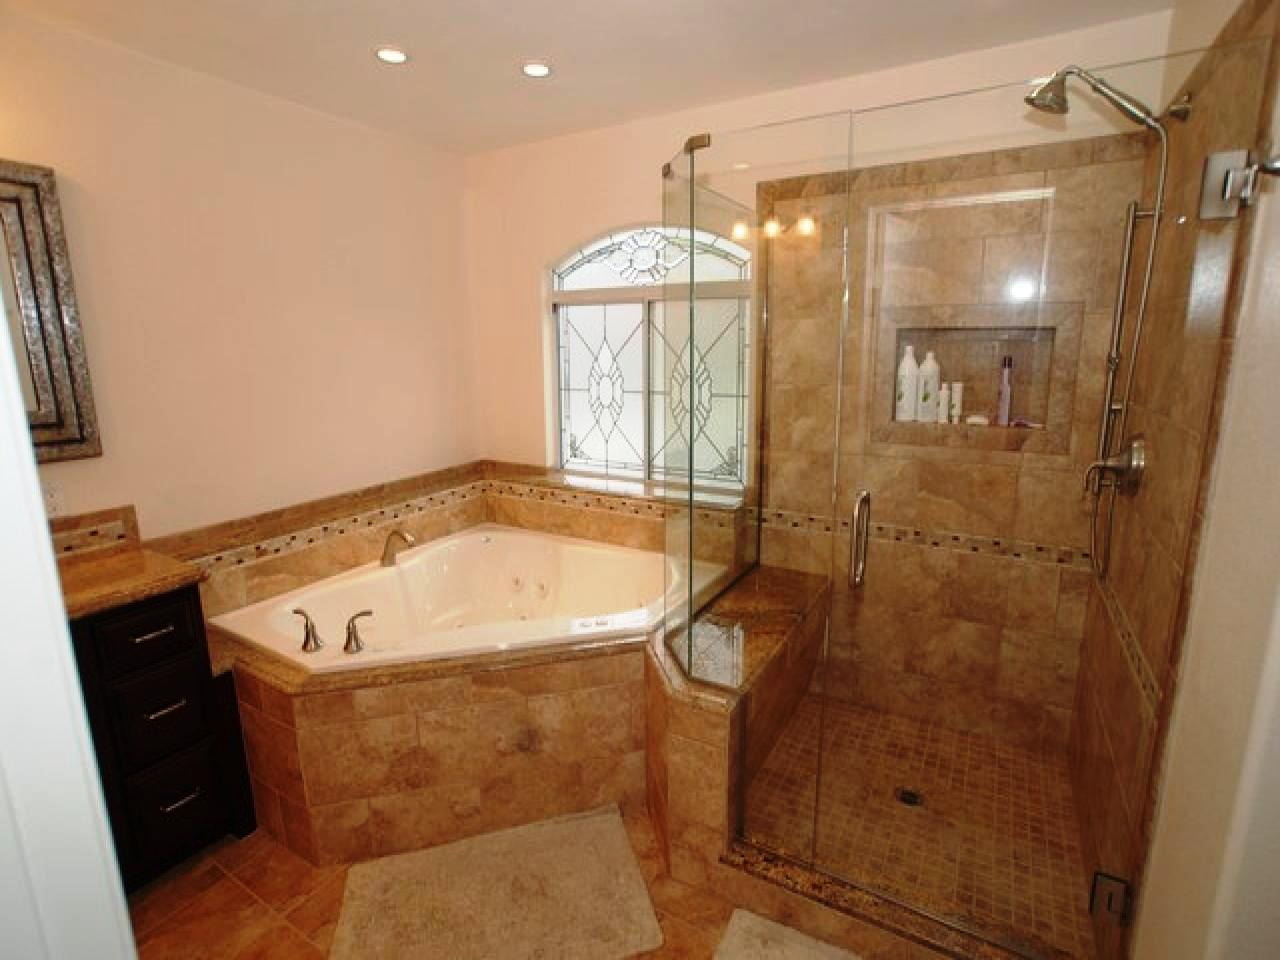 Corner Tub And Shower.Corner Tub Shower Rod Schmidt Gallery Design